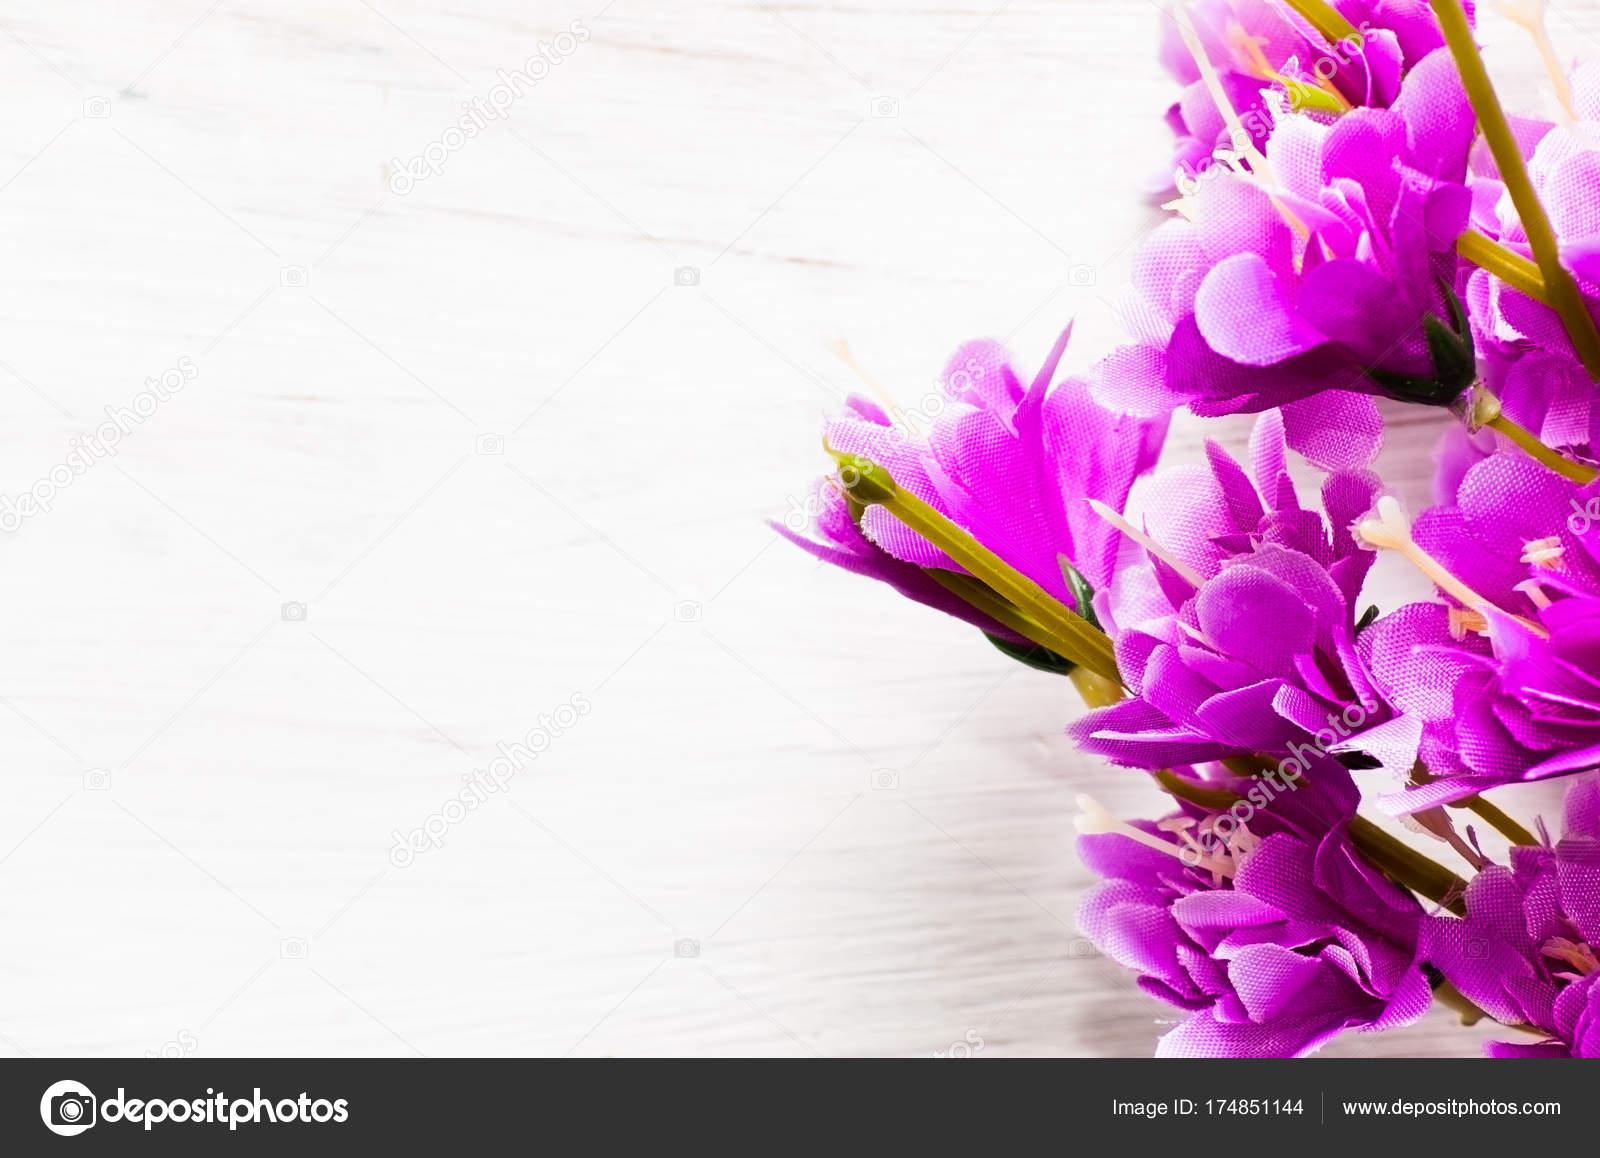 Fondos Para El Dia De La Madre: Flor Lila Morada, Primavera Ramo De Flores, Fondo Para El